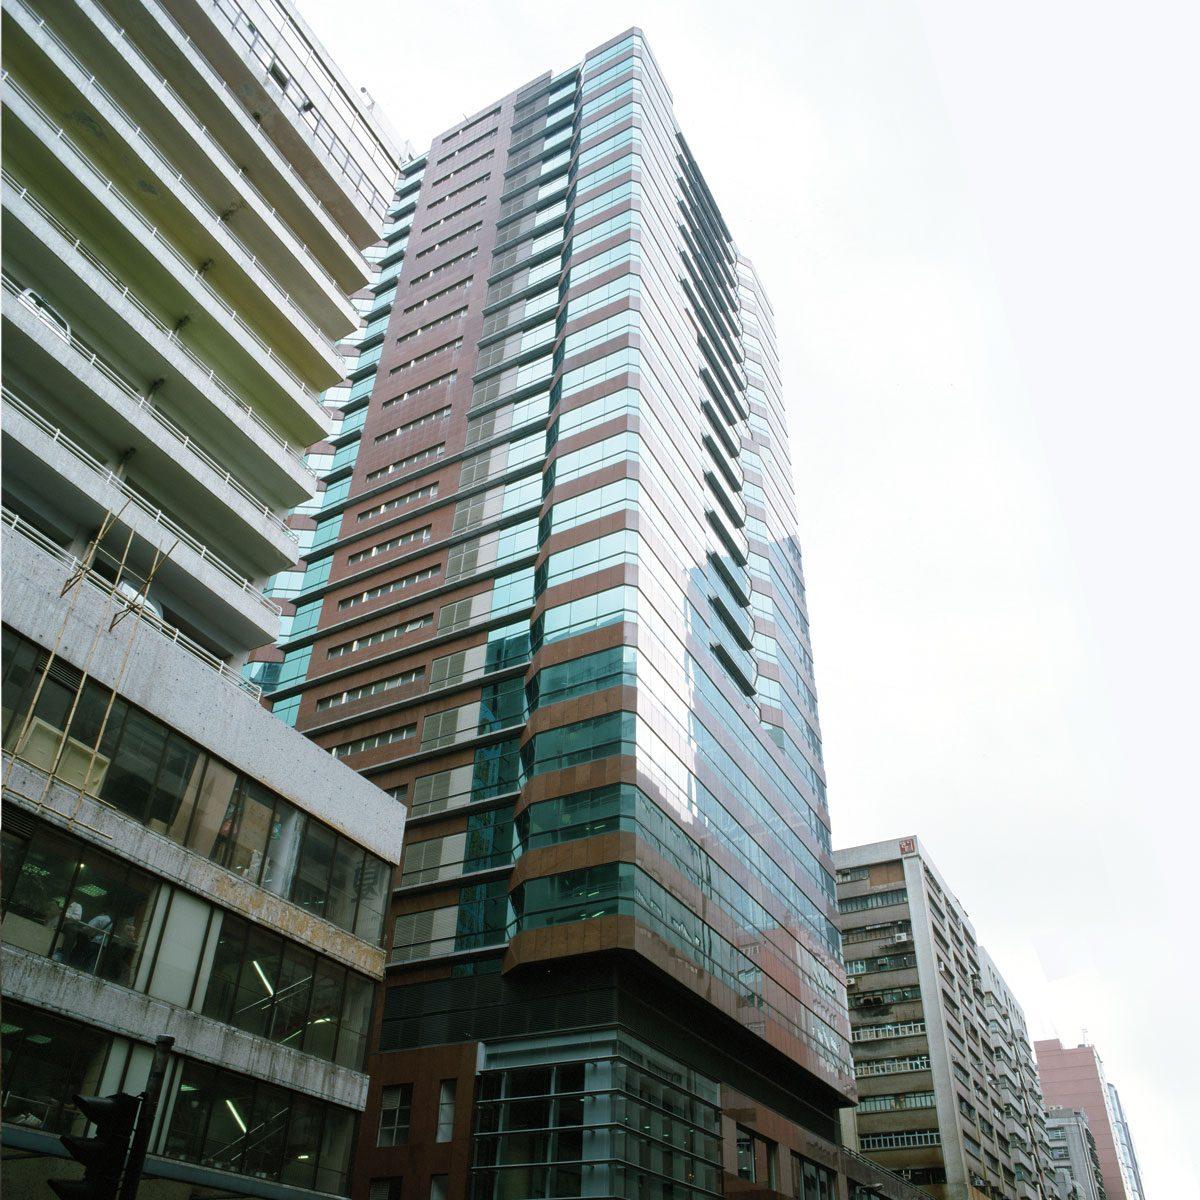 Yen Sheng Centre at 64 Hoi Yuen Road, Kwun Tong, Kowloon